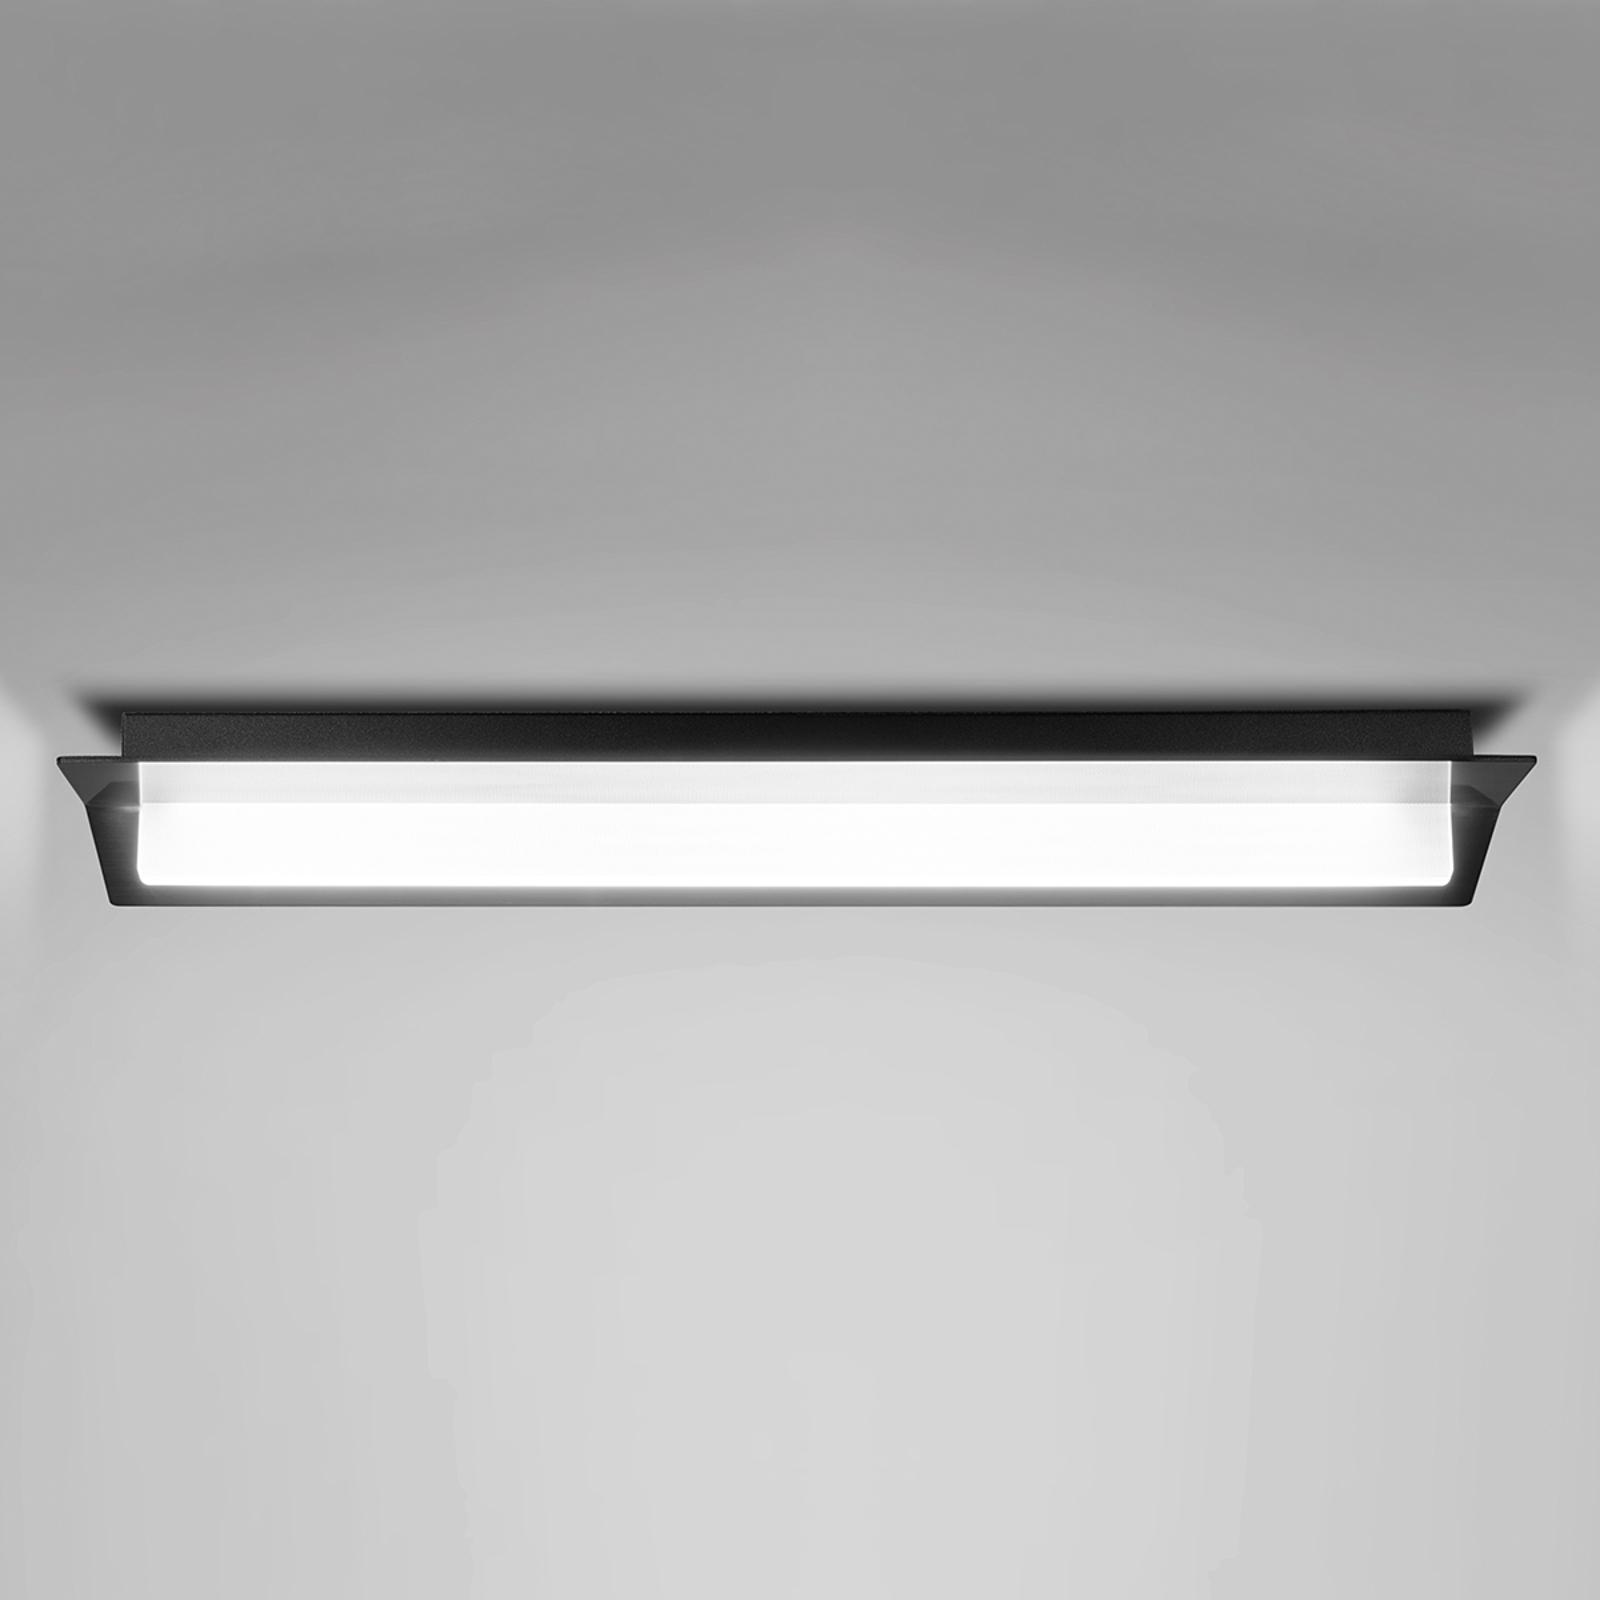 LED Deckenleuchte Flurry, 100 cm, schwarz